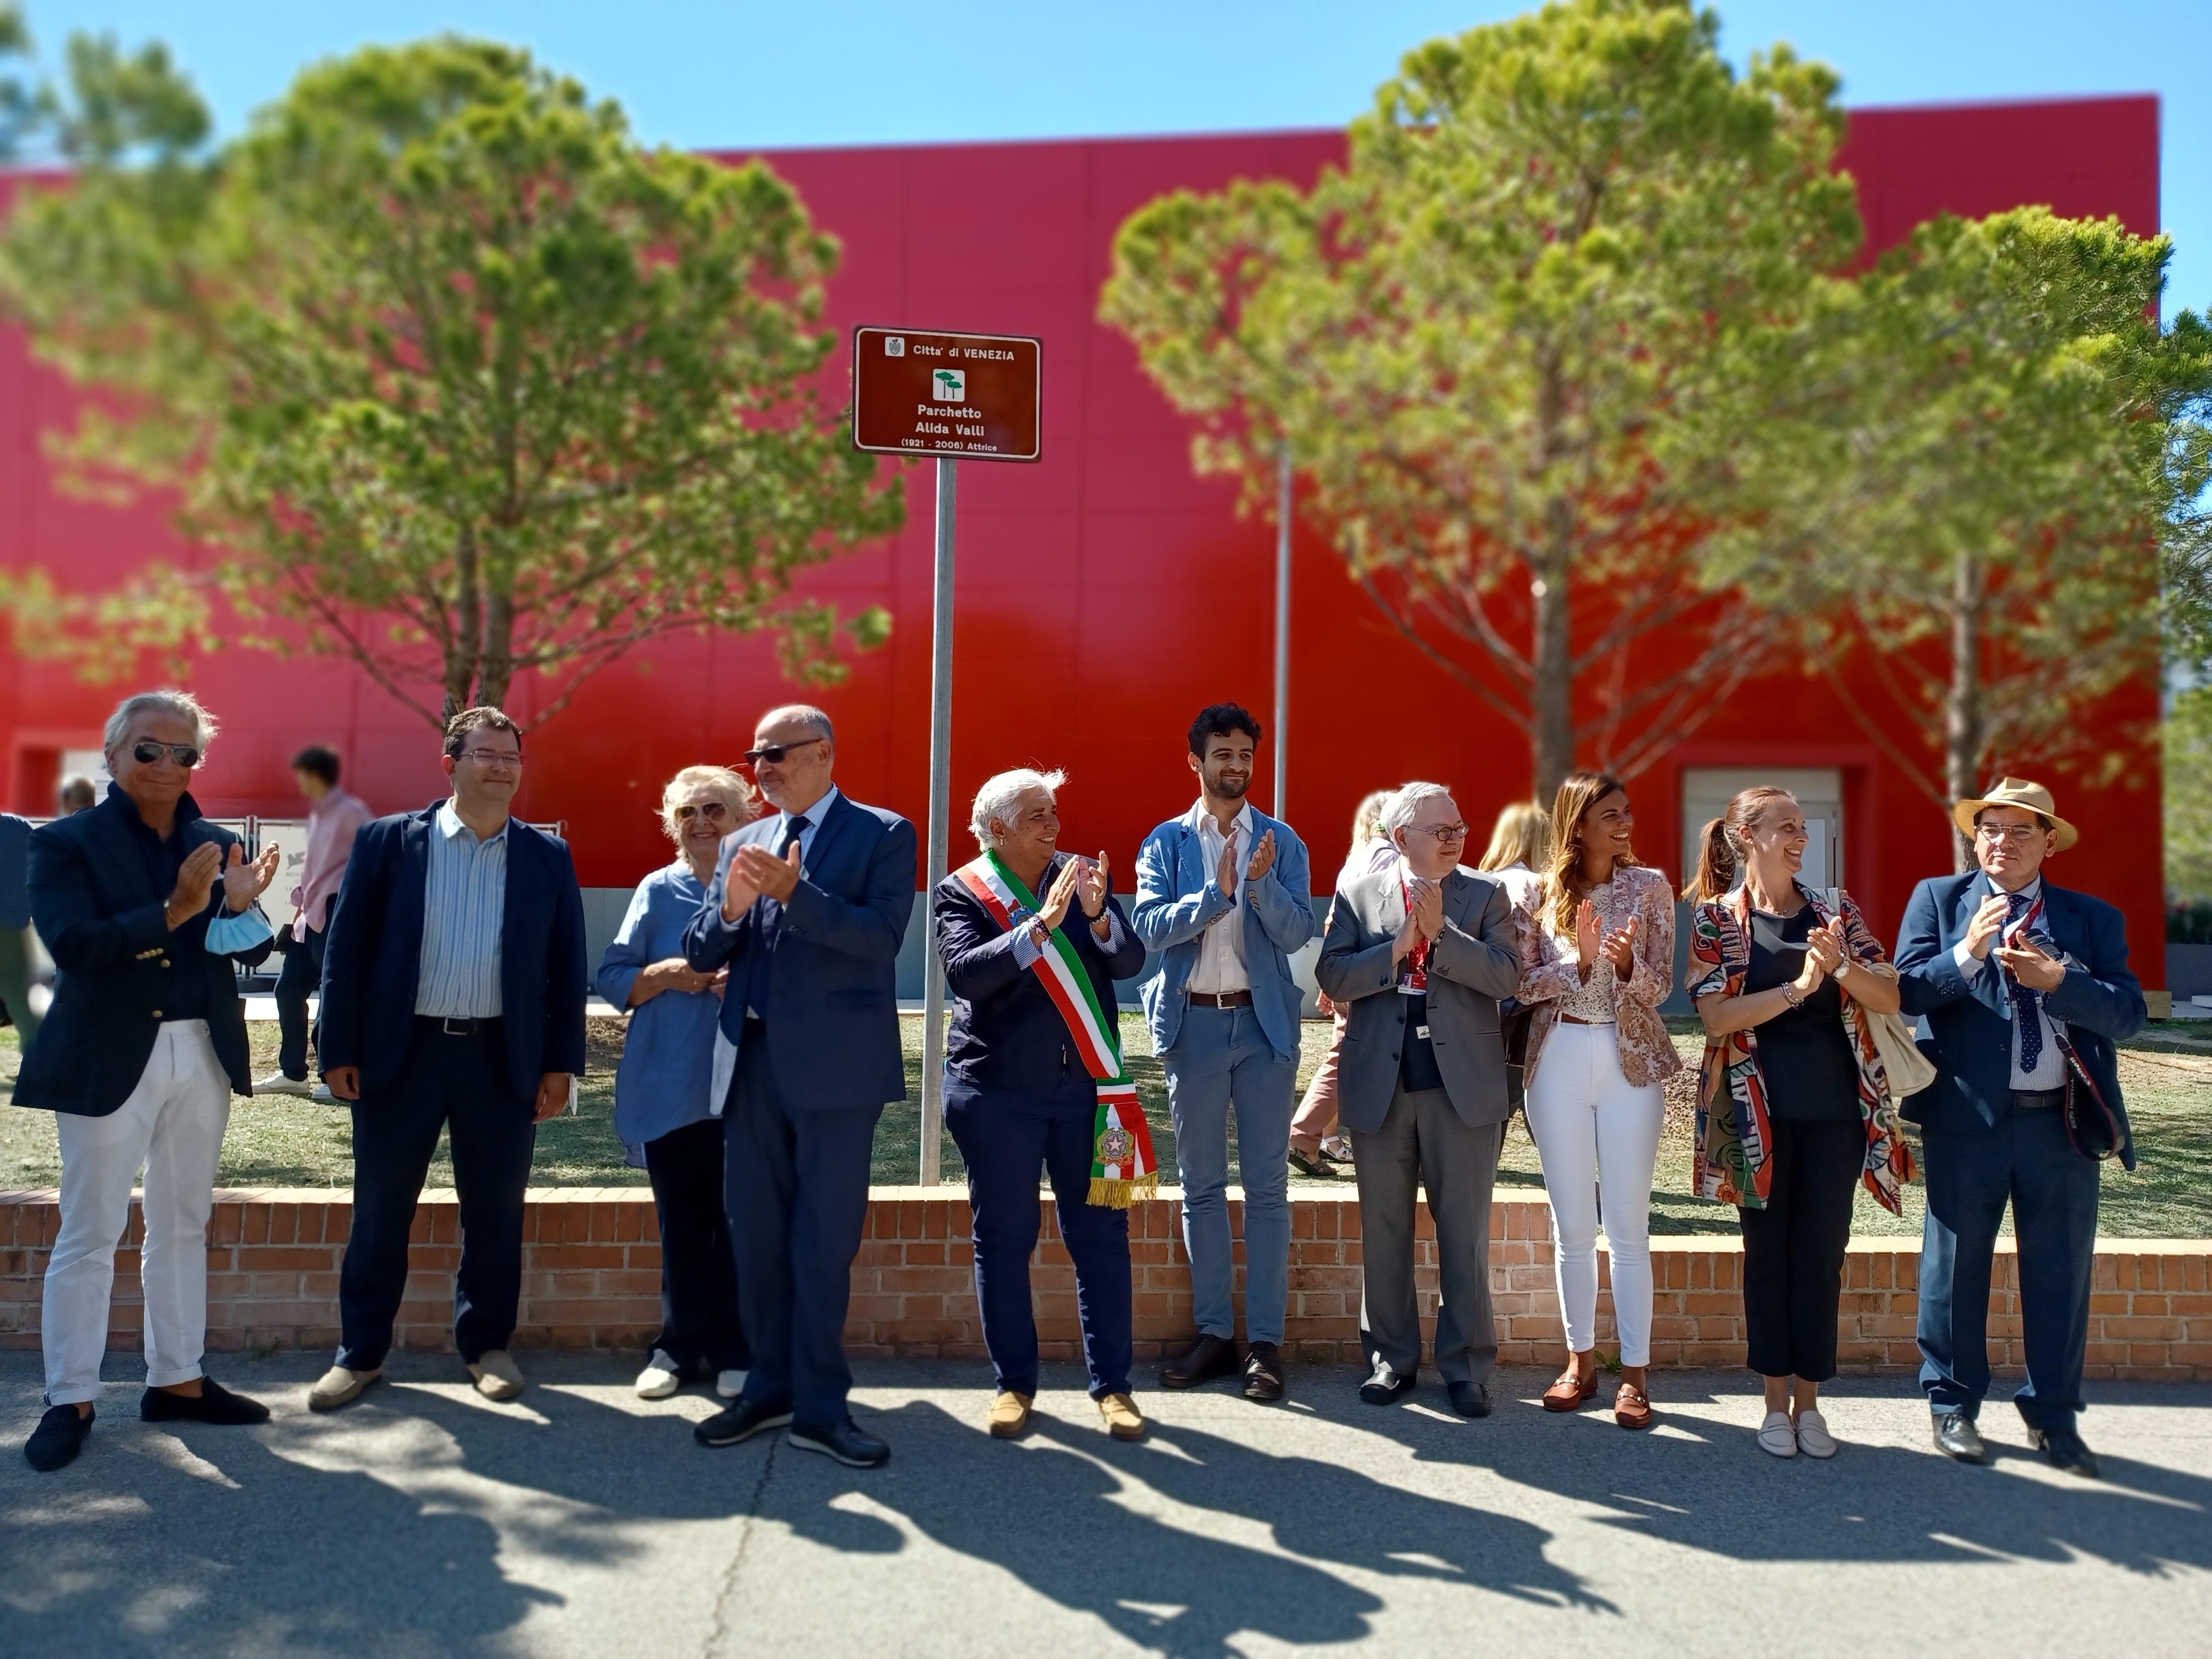 Un'area verde intitolata ad Alida Valli al Lido di Venezia durante la Mostra del Cinema